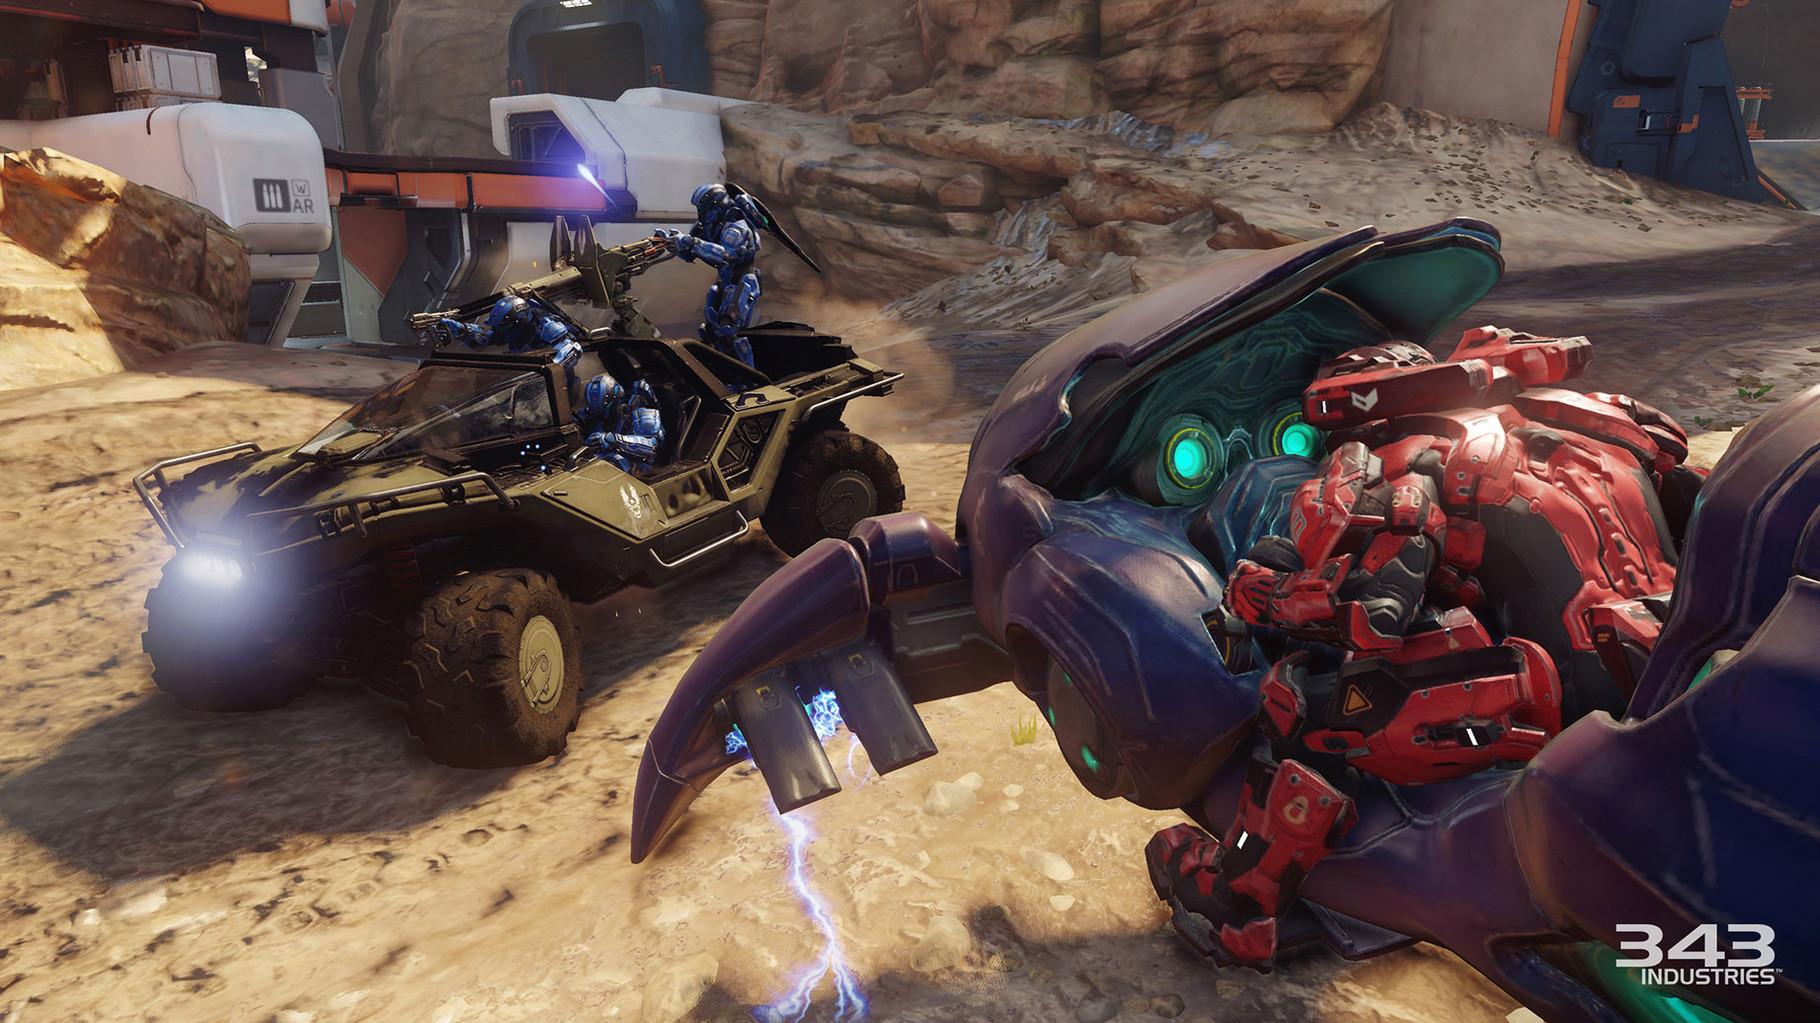 """Halo 5 – Guardians: Kein Masterchief und eine Vierspieler-Koop-Kampagne statt des üblichen Singleplayer-Abenteuers: Das fünfte """"Halo"""" bricht mit vielen Serien-Traditionen, sieht aber auch großartig aus –343 Industries hat sich mächtig ins Zeug gelegt."""